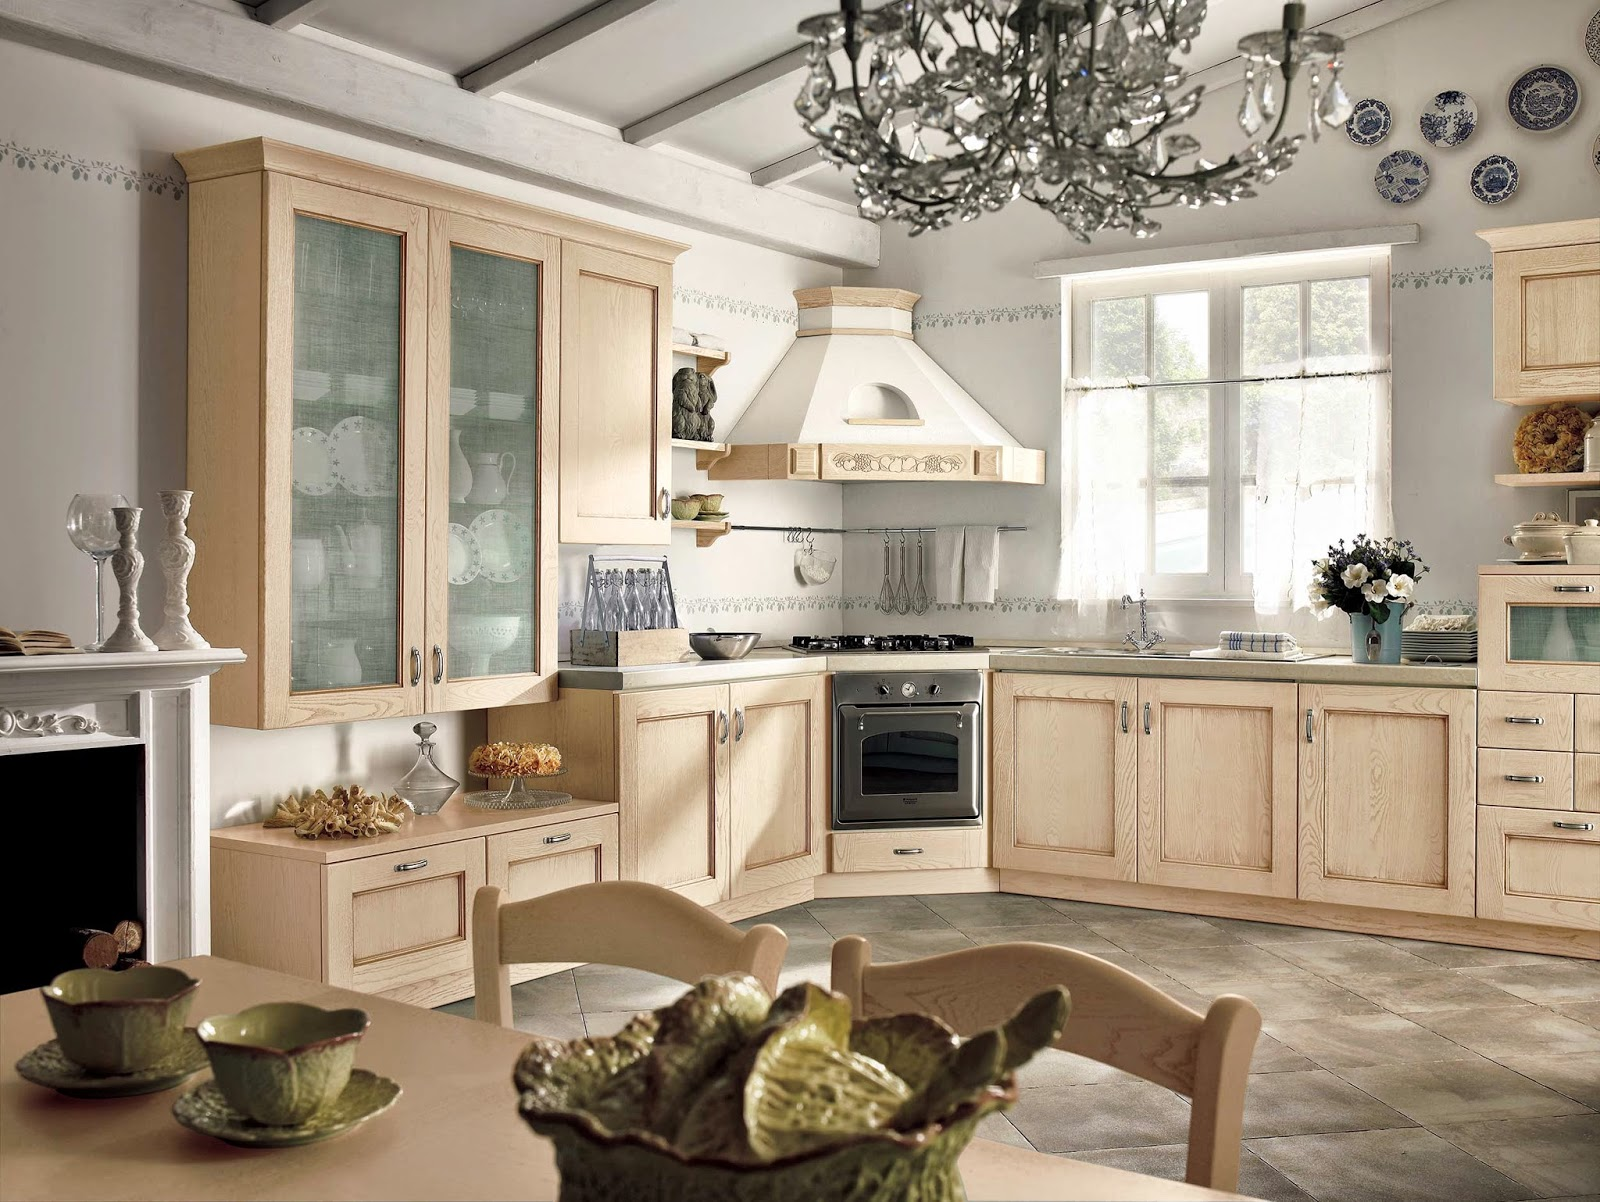 Cucine classiche - Cappa cucina in muratura ...